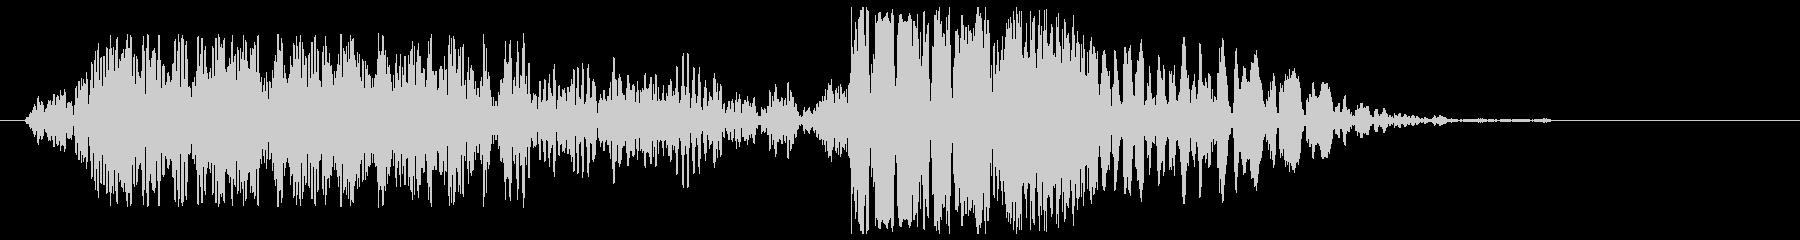 ブーンバシッの効果音の未再生の波形